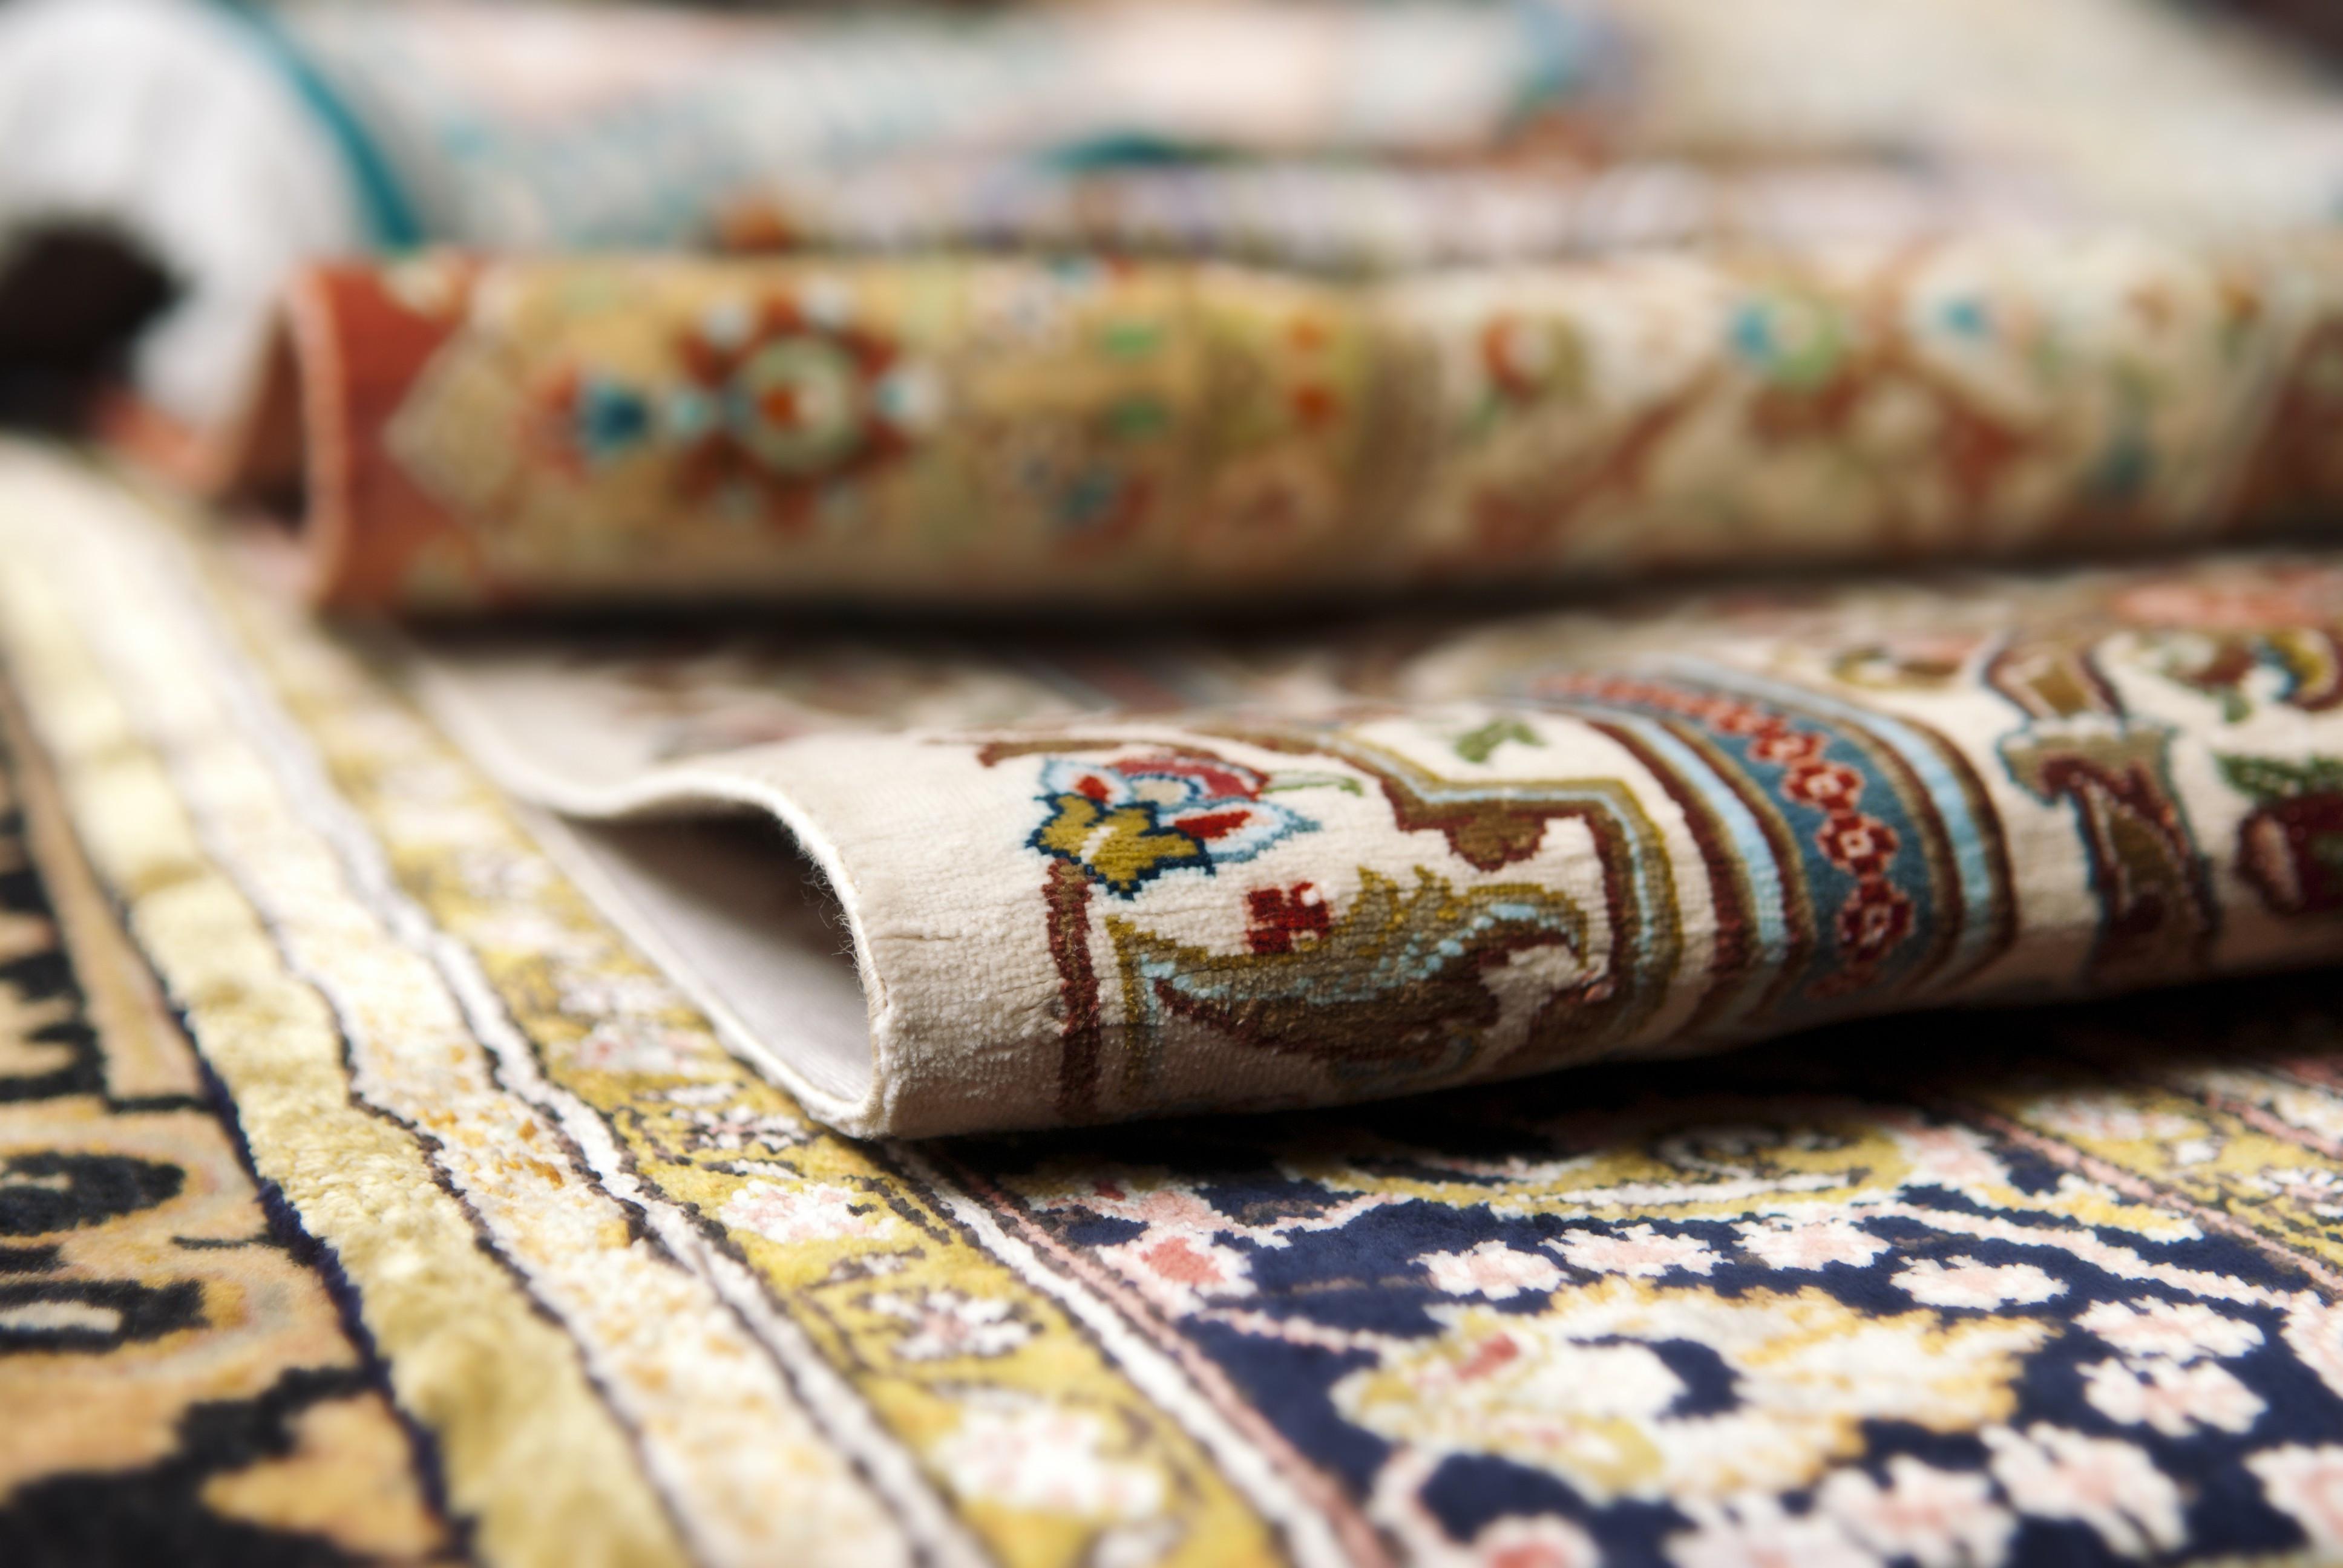 Le nettoyage et la restauration de vos tapis